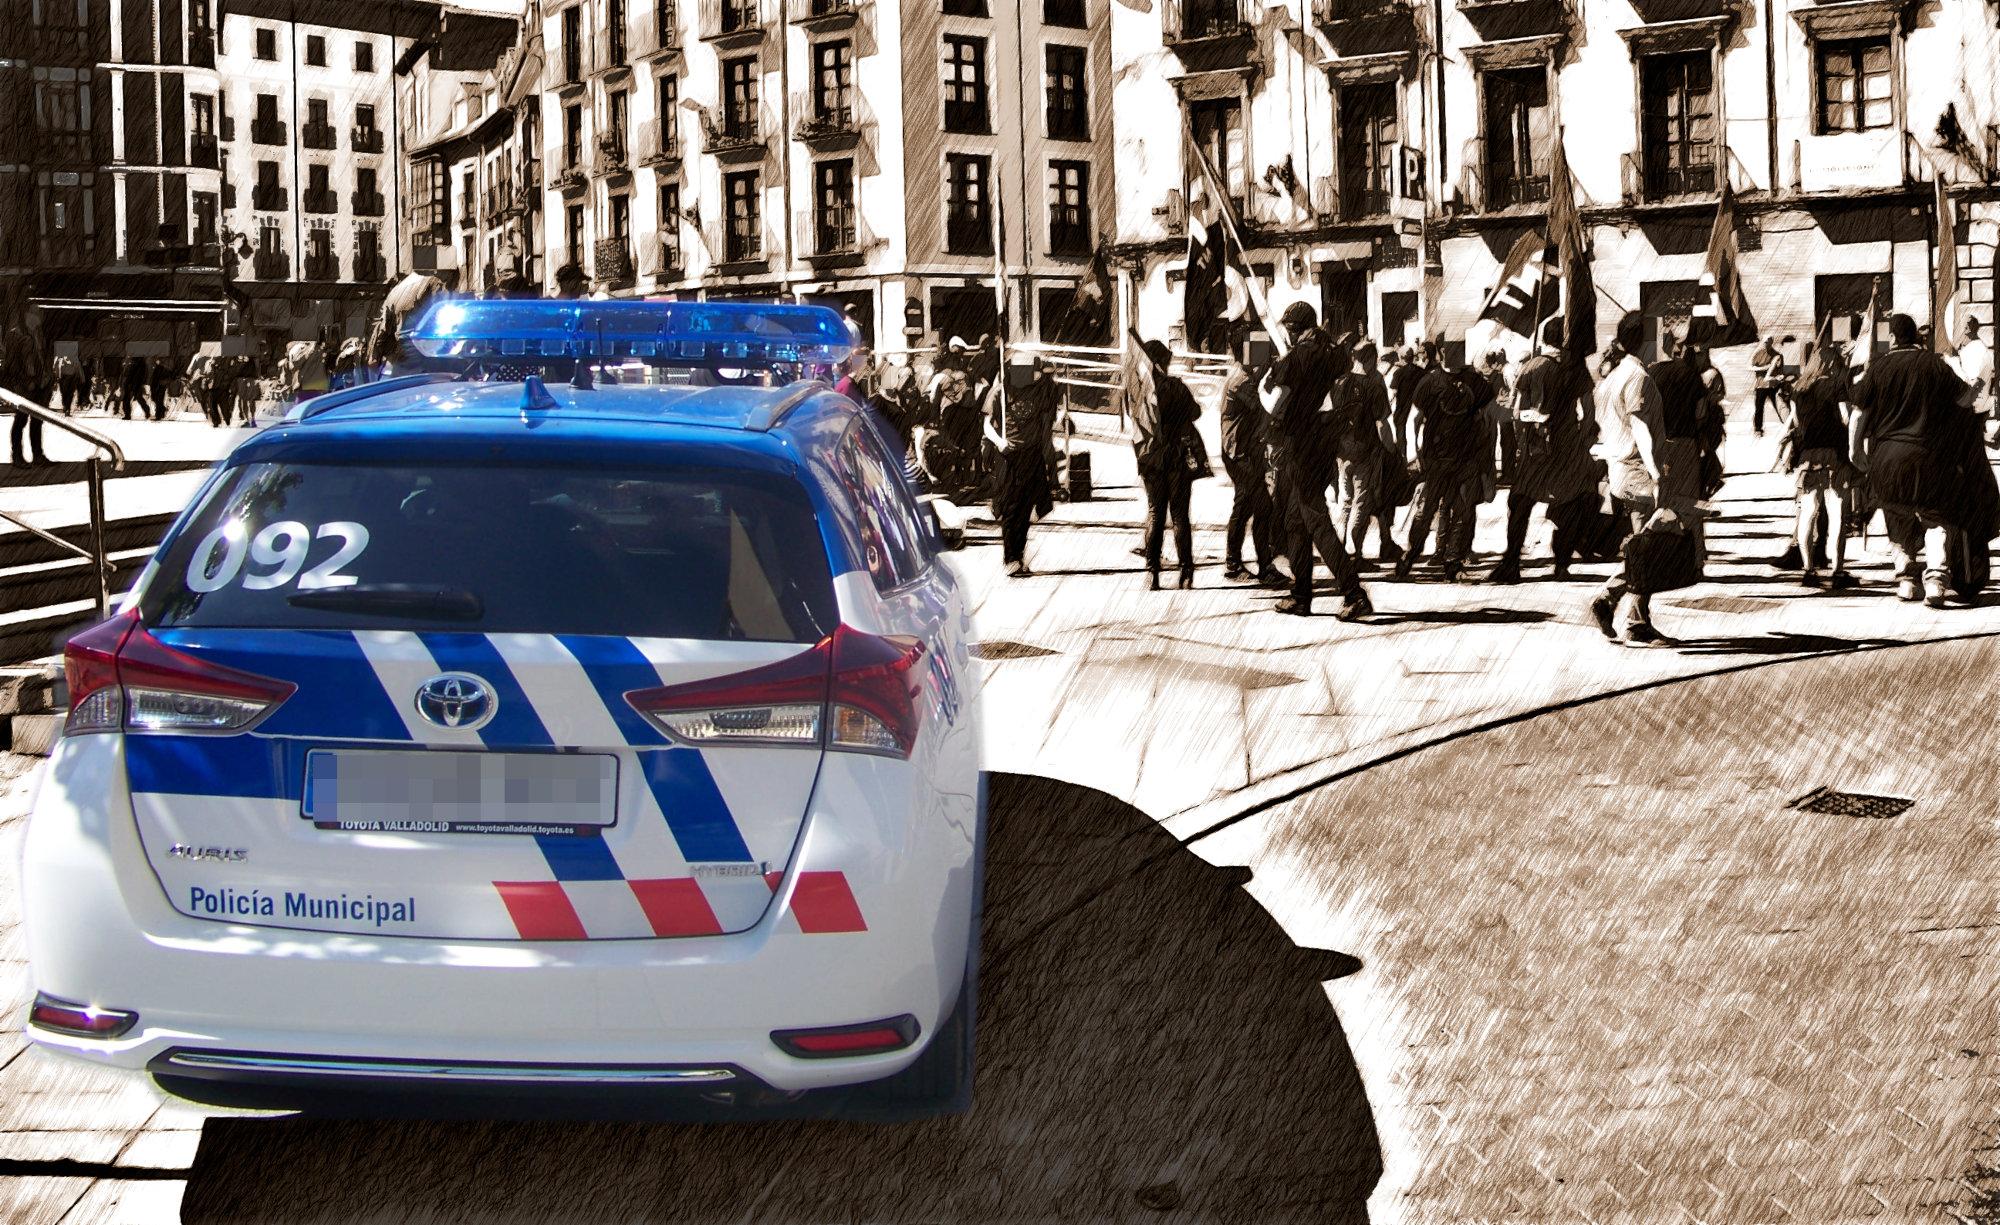 Fotografía editada con un carro de policía y una manifestación de fondo.